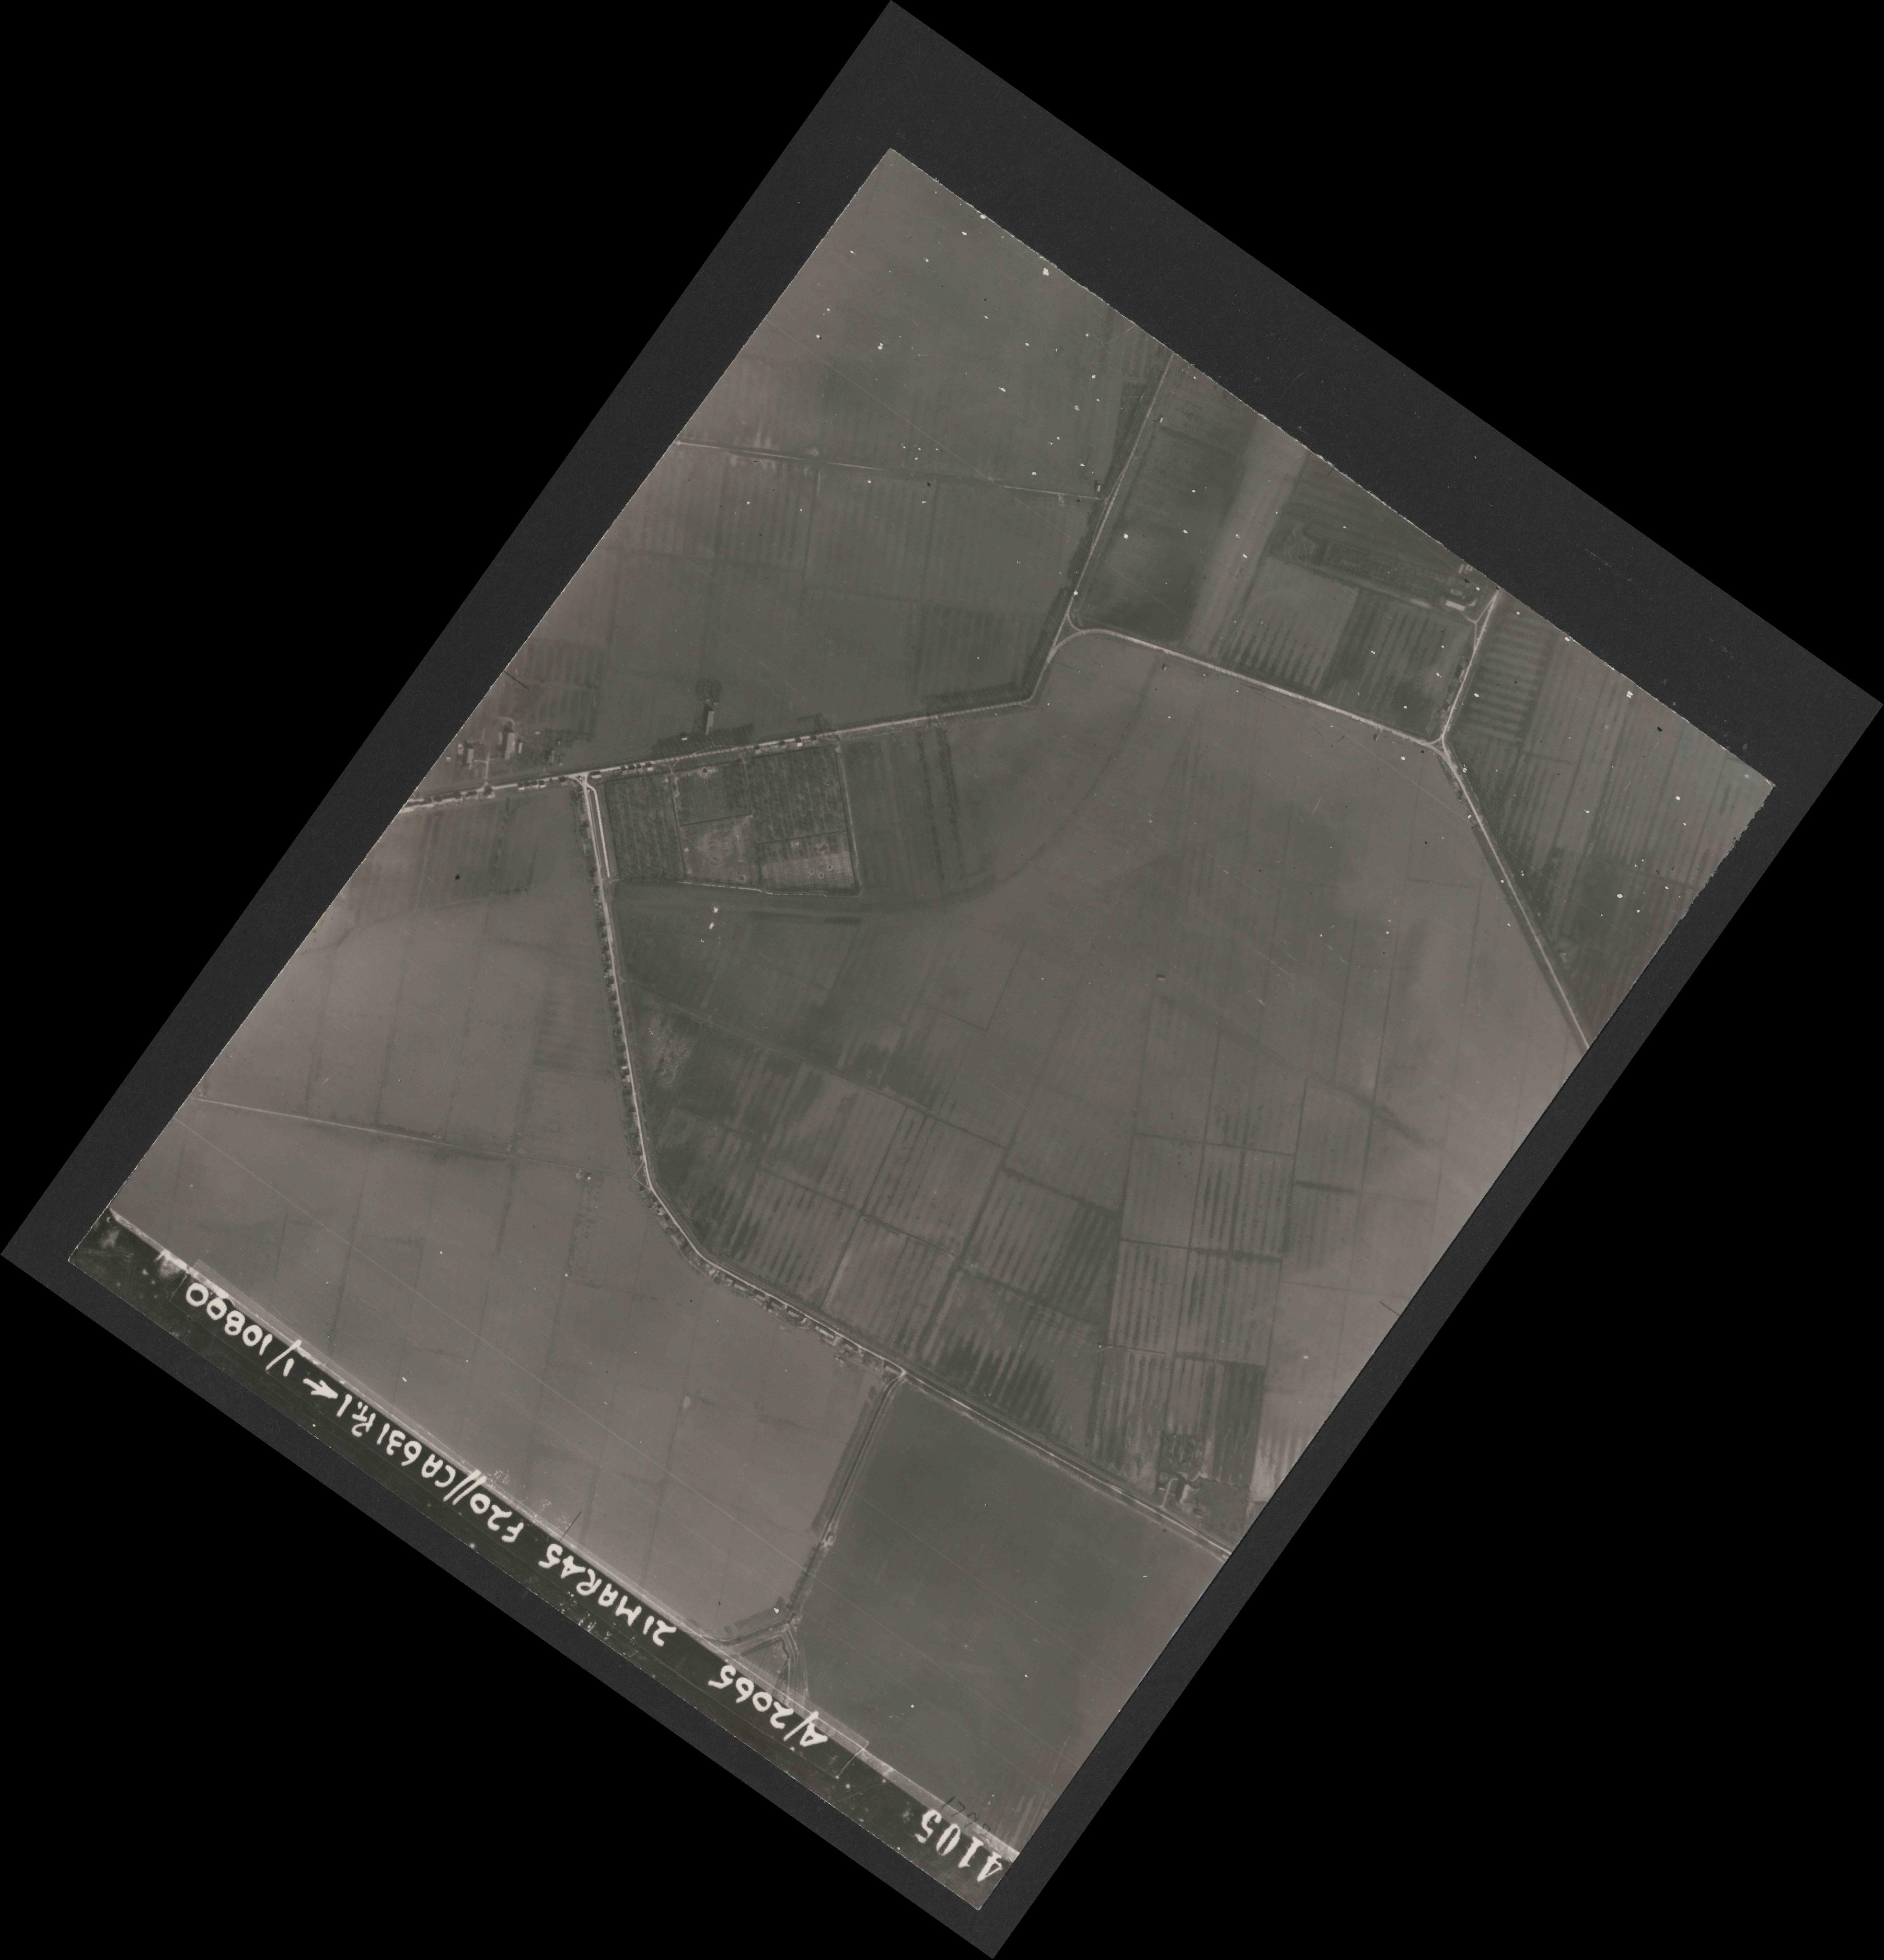 Collection RAF aerial photos 1940-1945 - flight 308, run 06, photo 4105